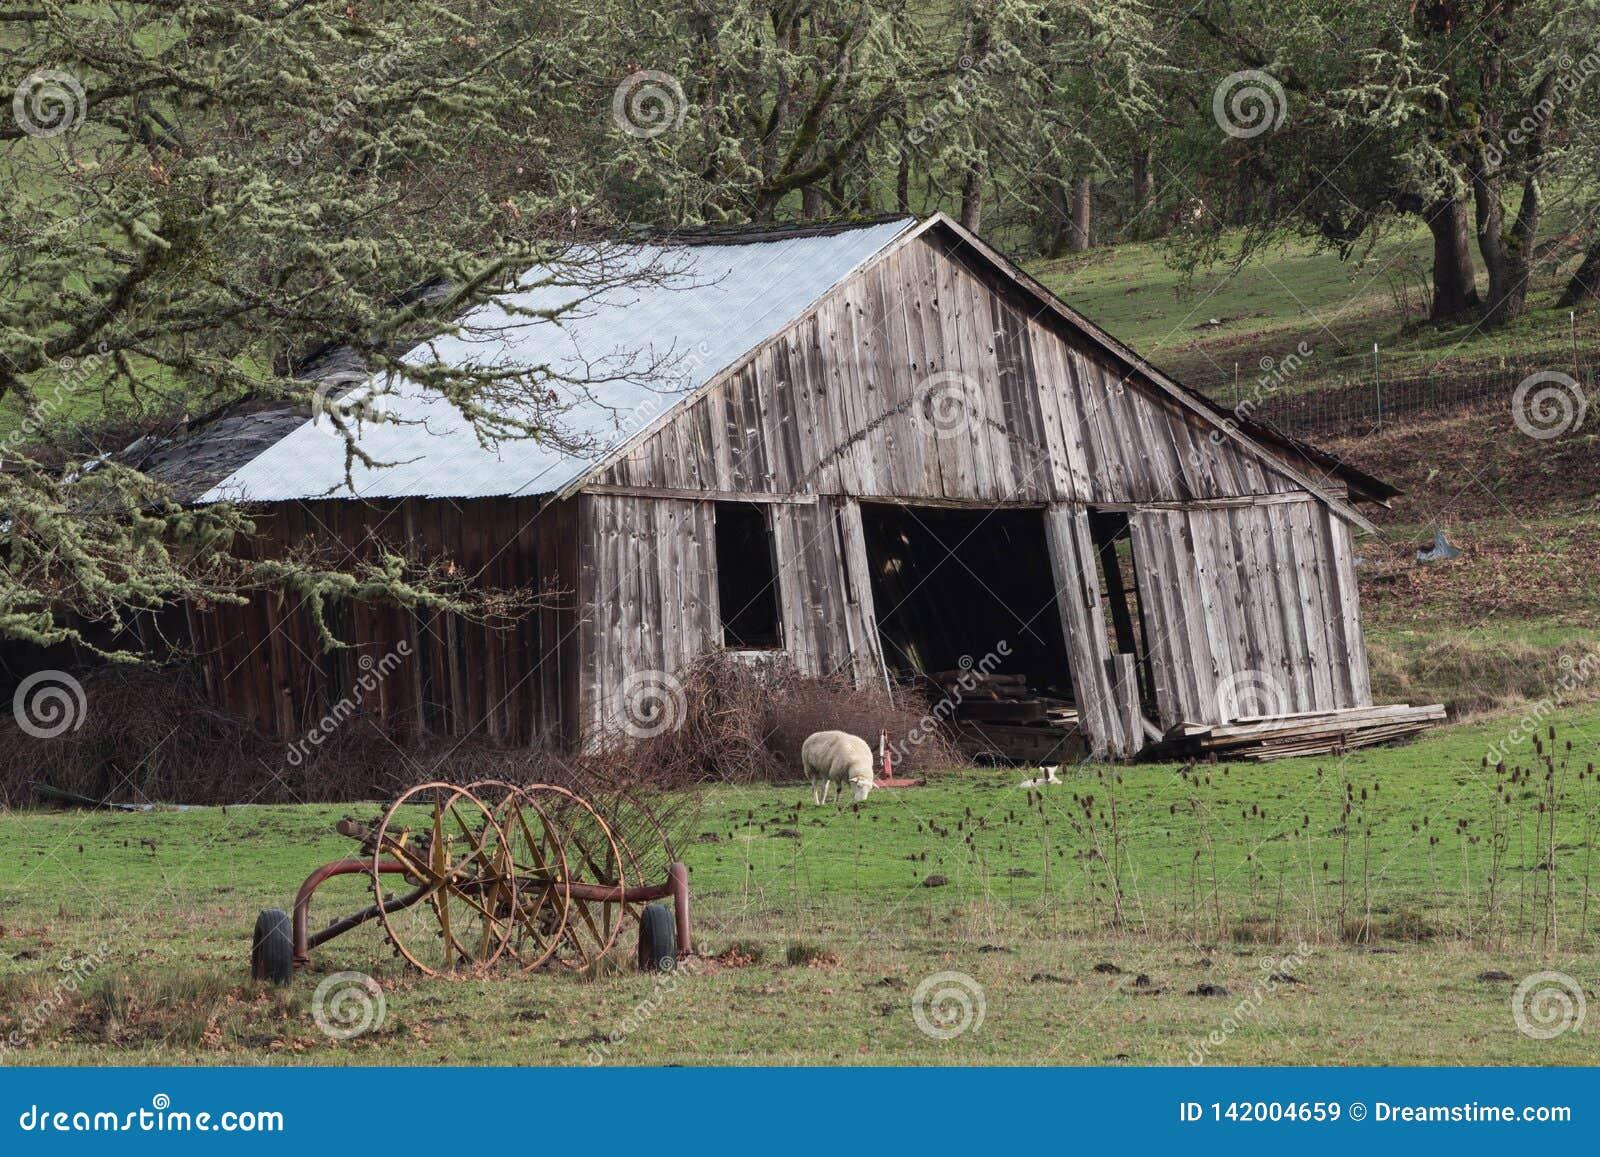 Old Swayback Barn and Sheep